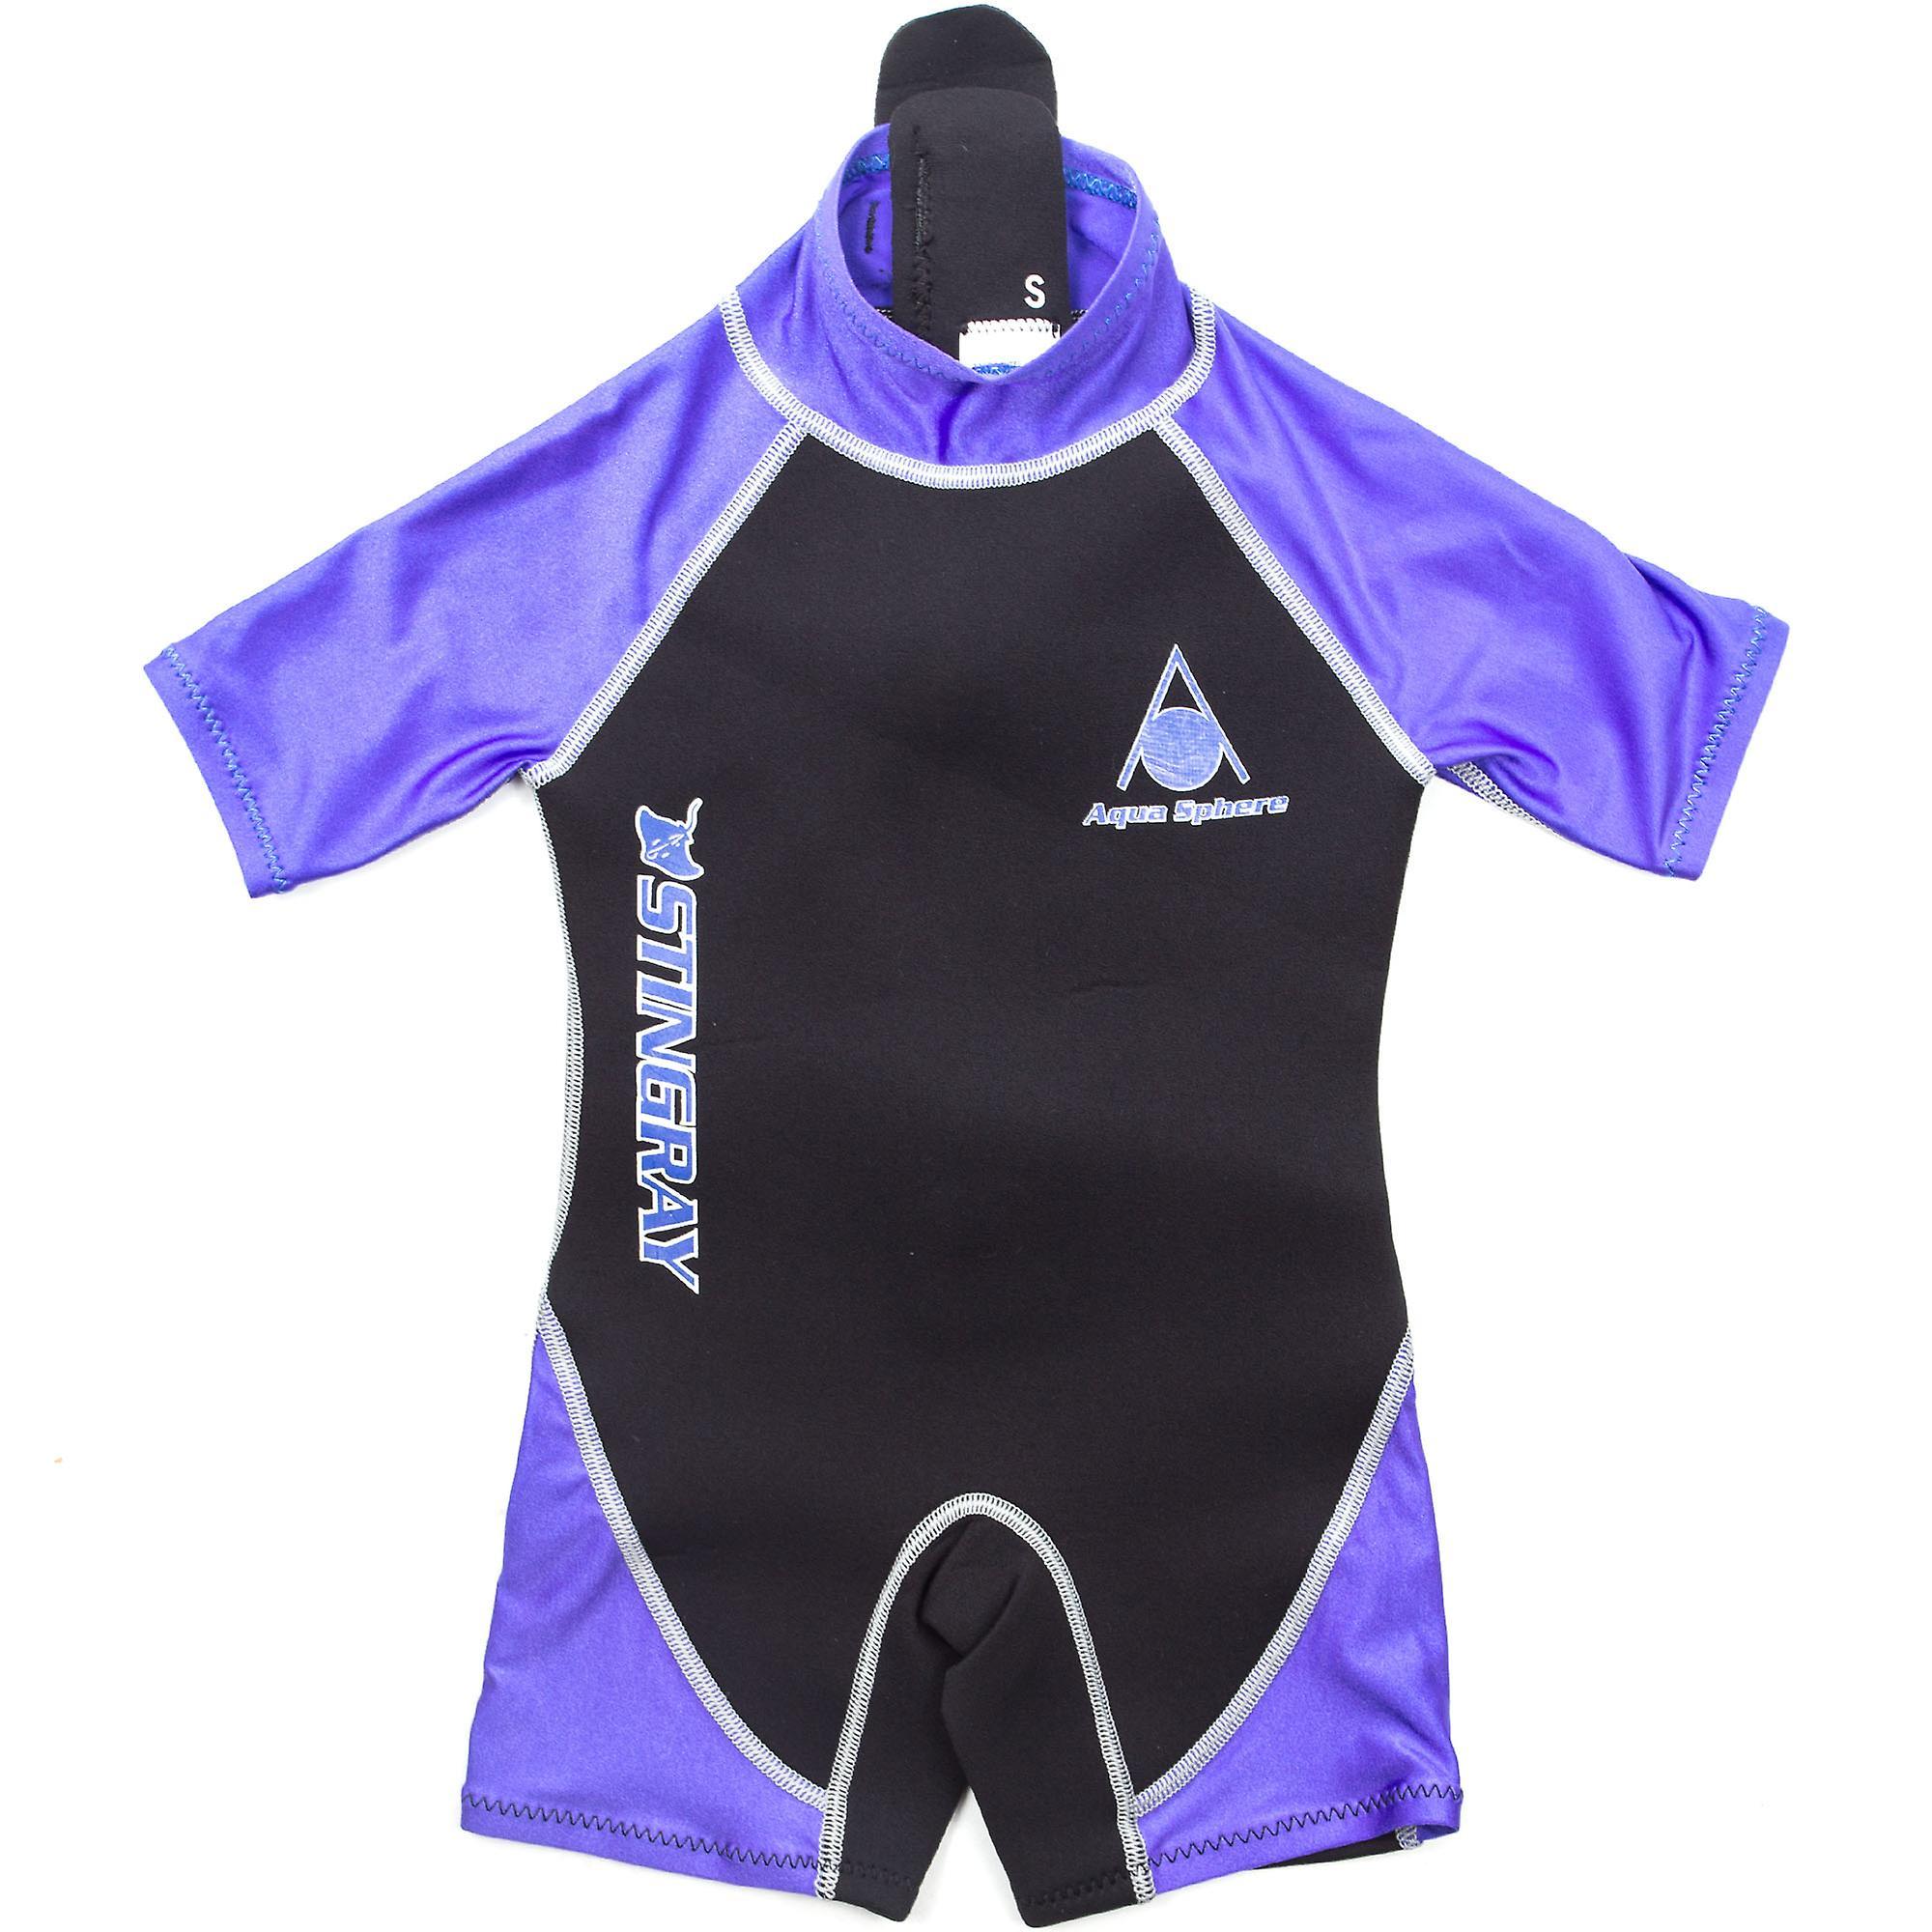 última moda muy elogiado fina artesanía Esfera Aqua Stingray 2mm neopreno Shorty natación traje de baño niños